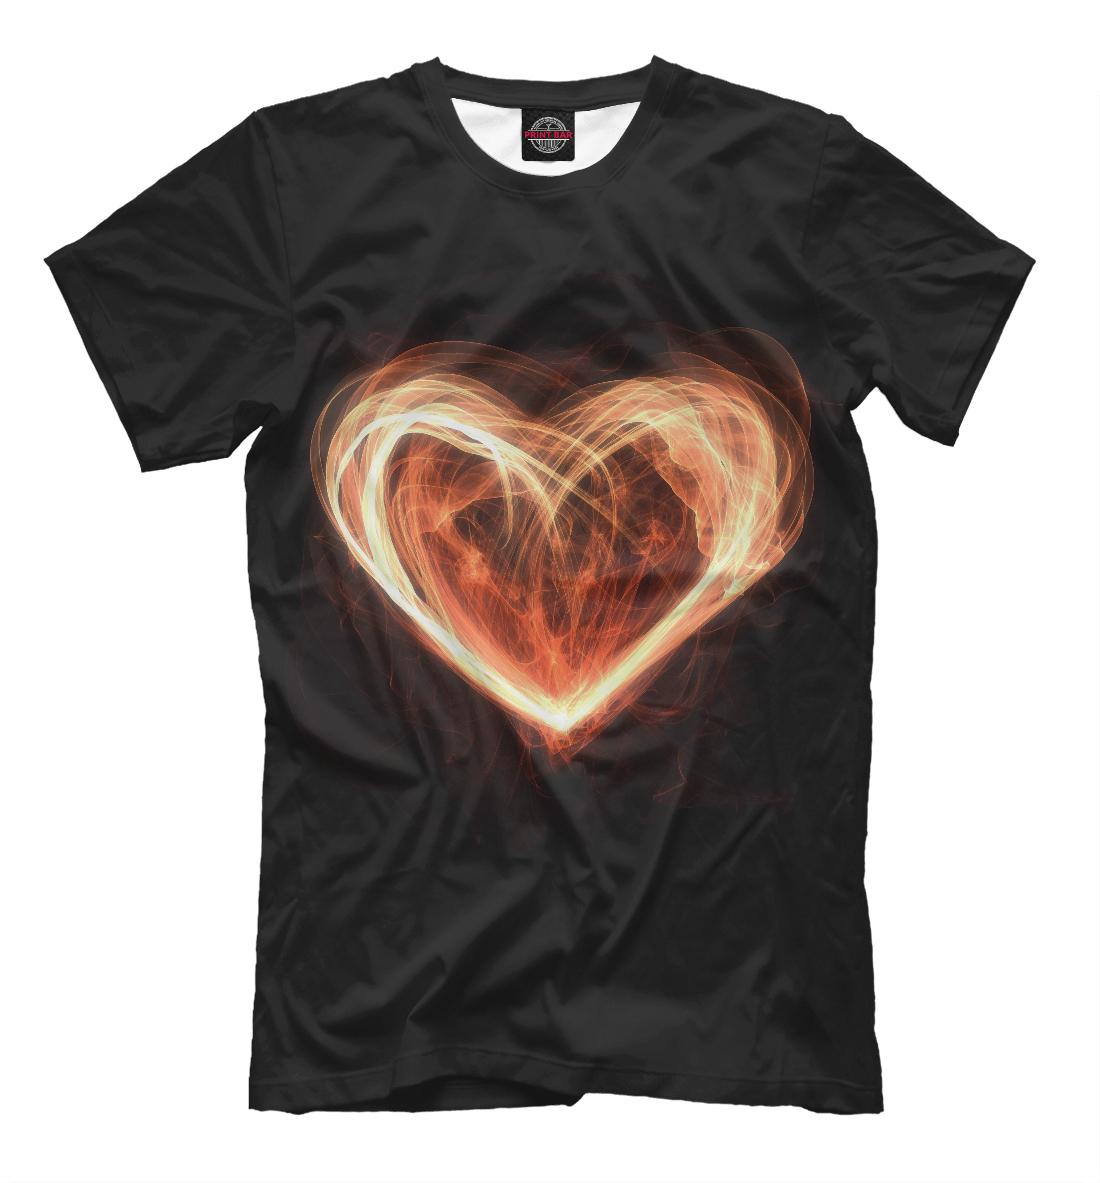 Купить Огненное сердце на чёрном фоне, Printbar, Футболки, SRD-494101-fut-2